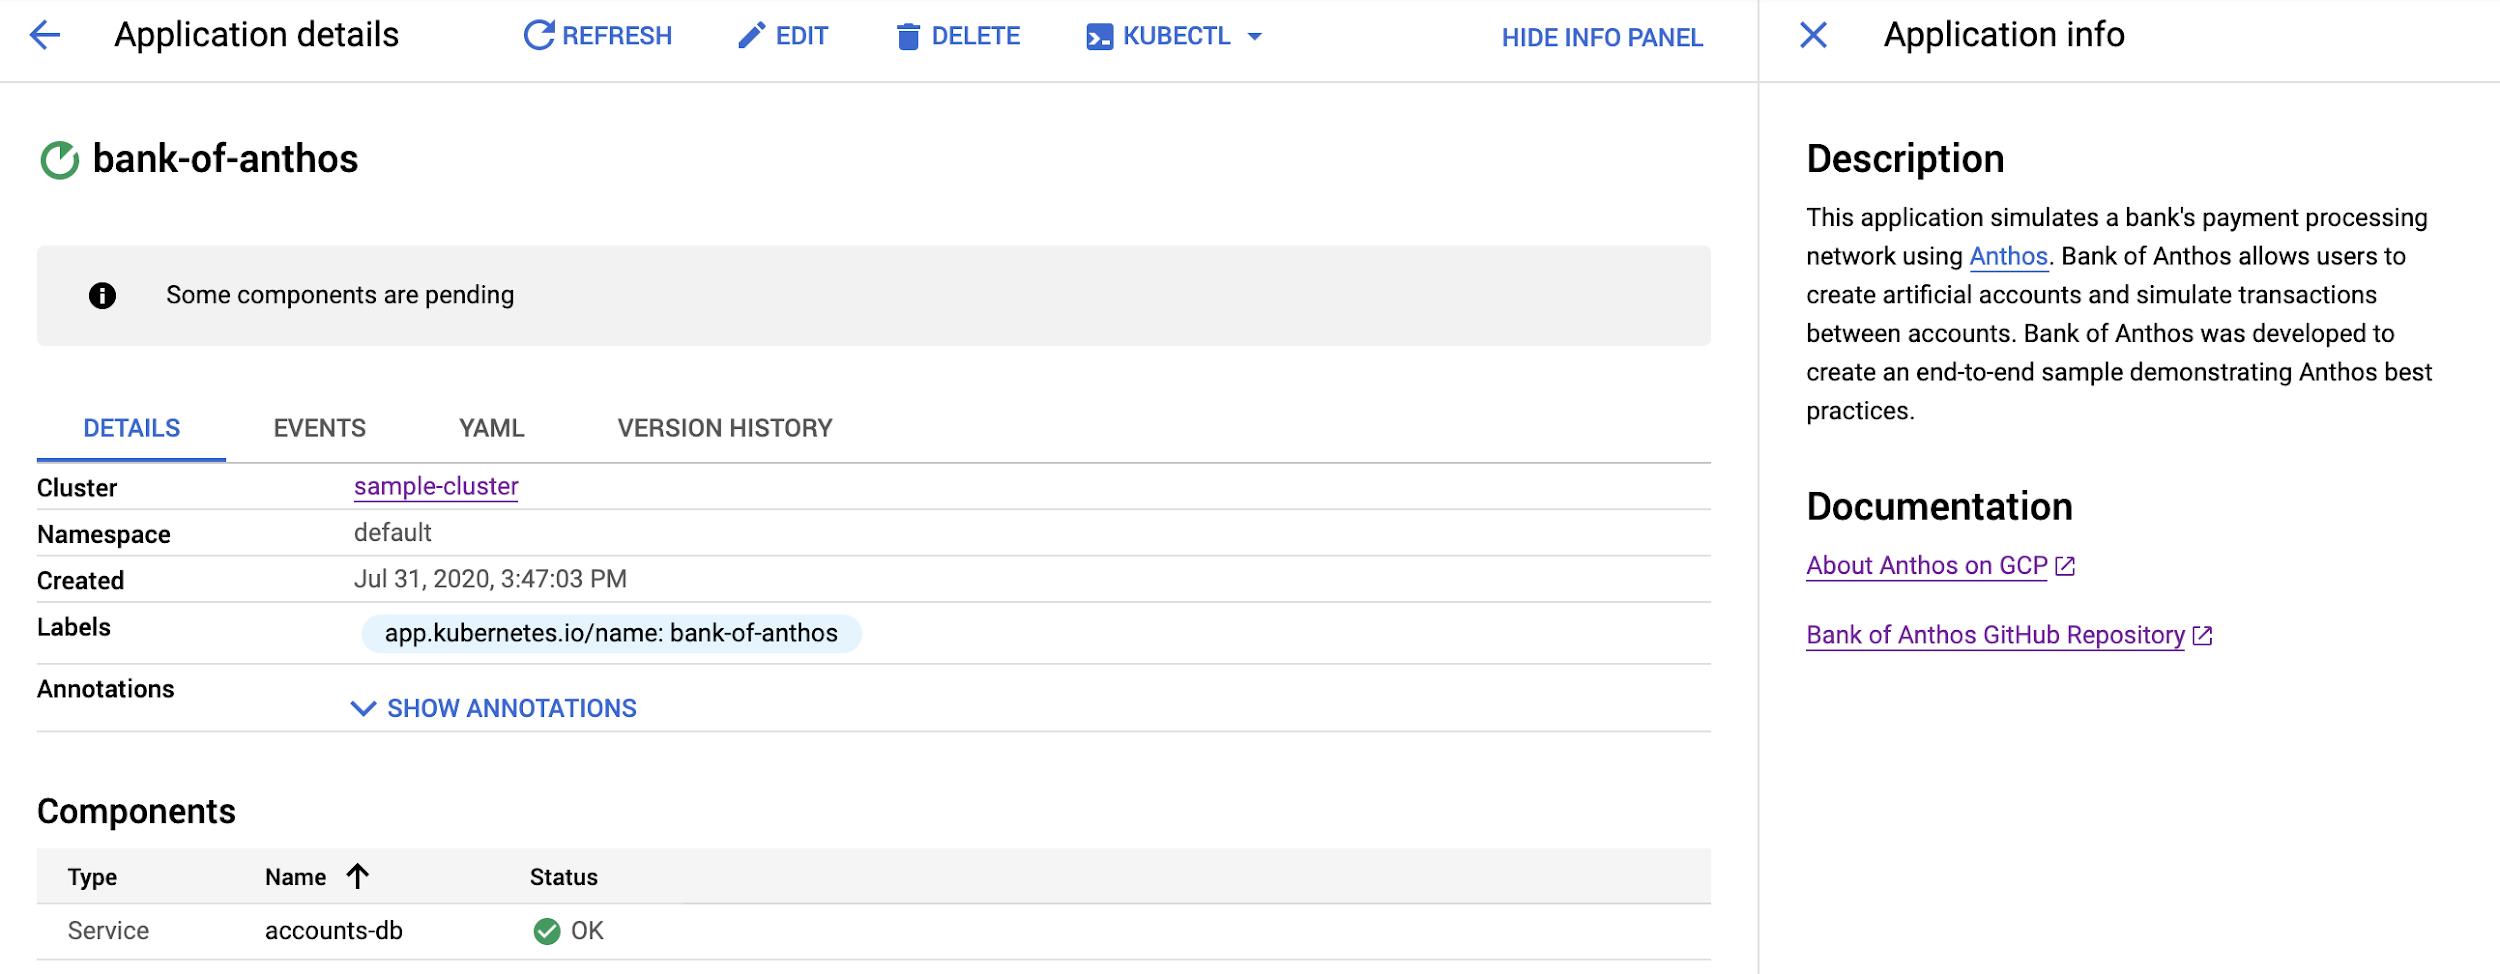 Os documentos na lista são formatados como hiperlinks.